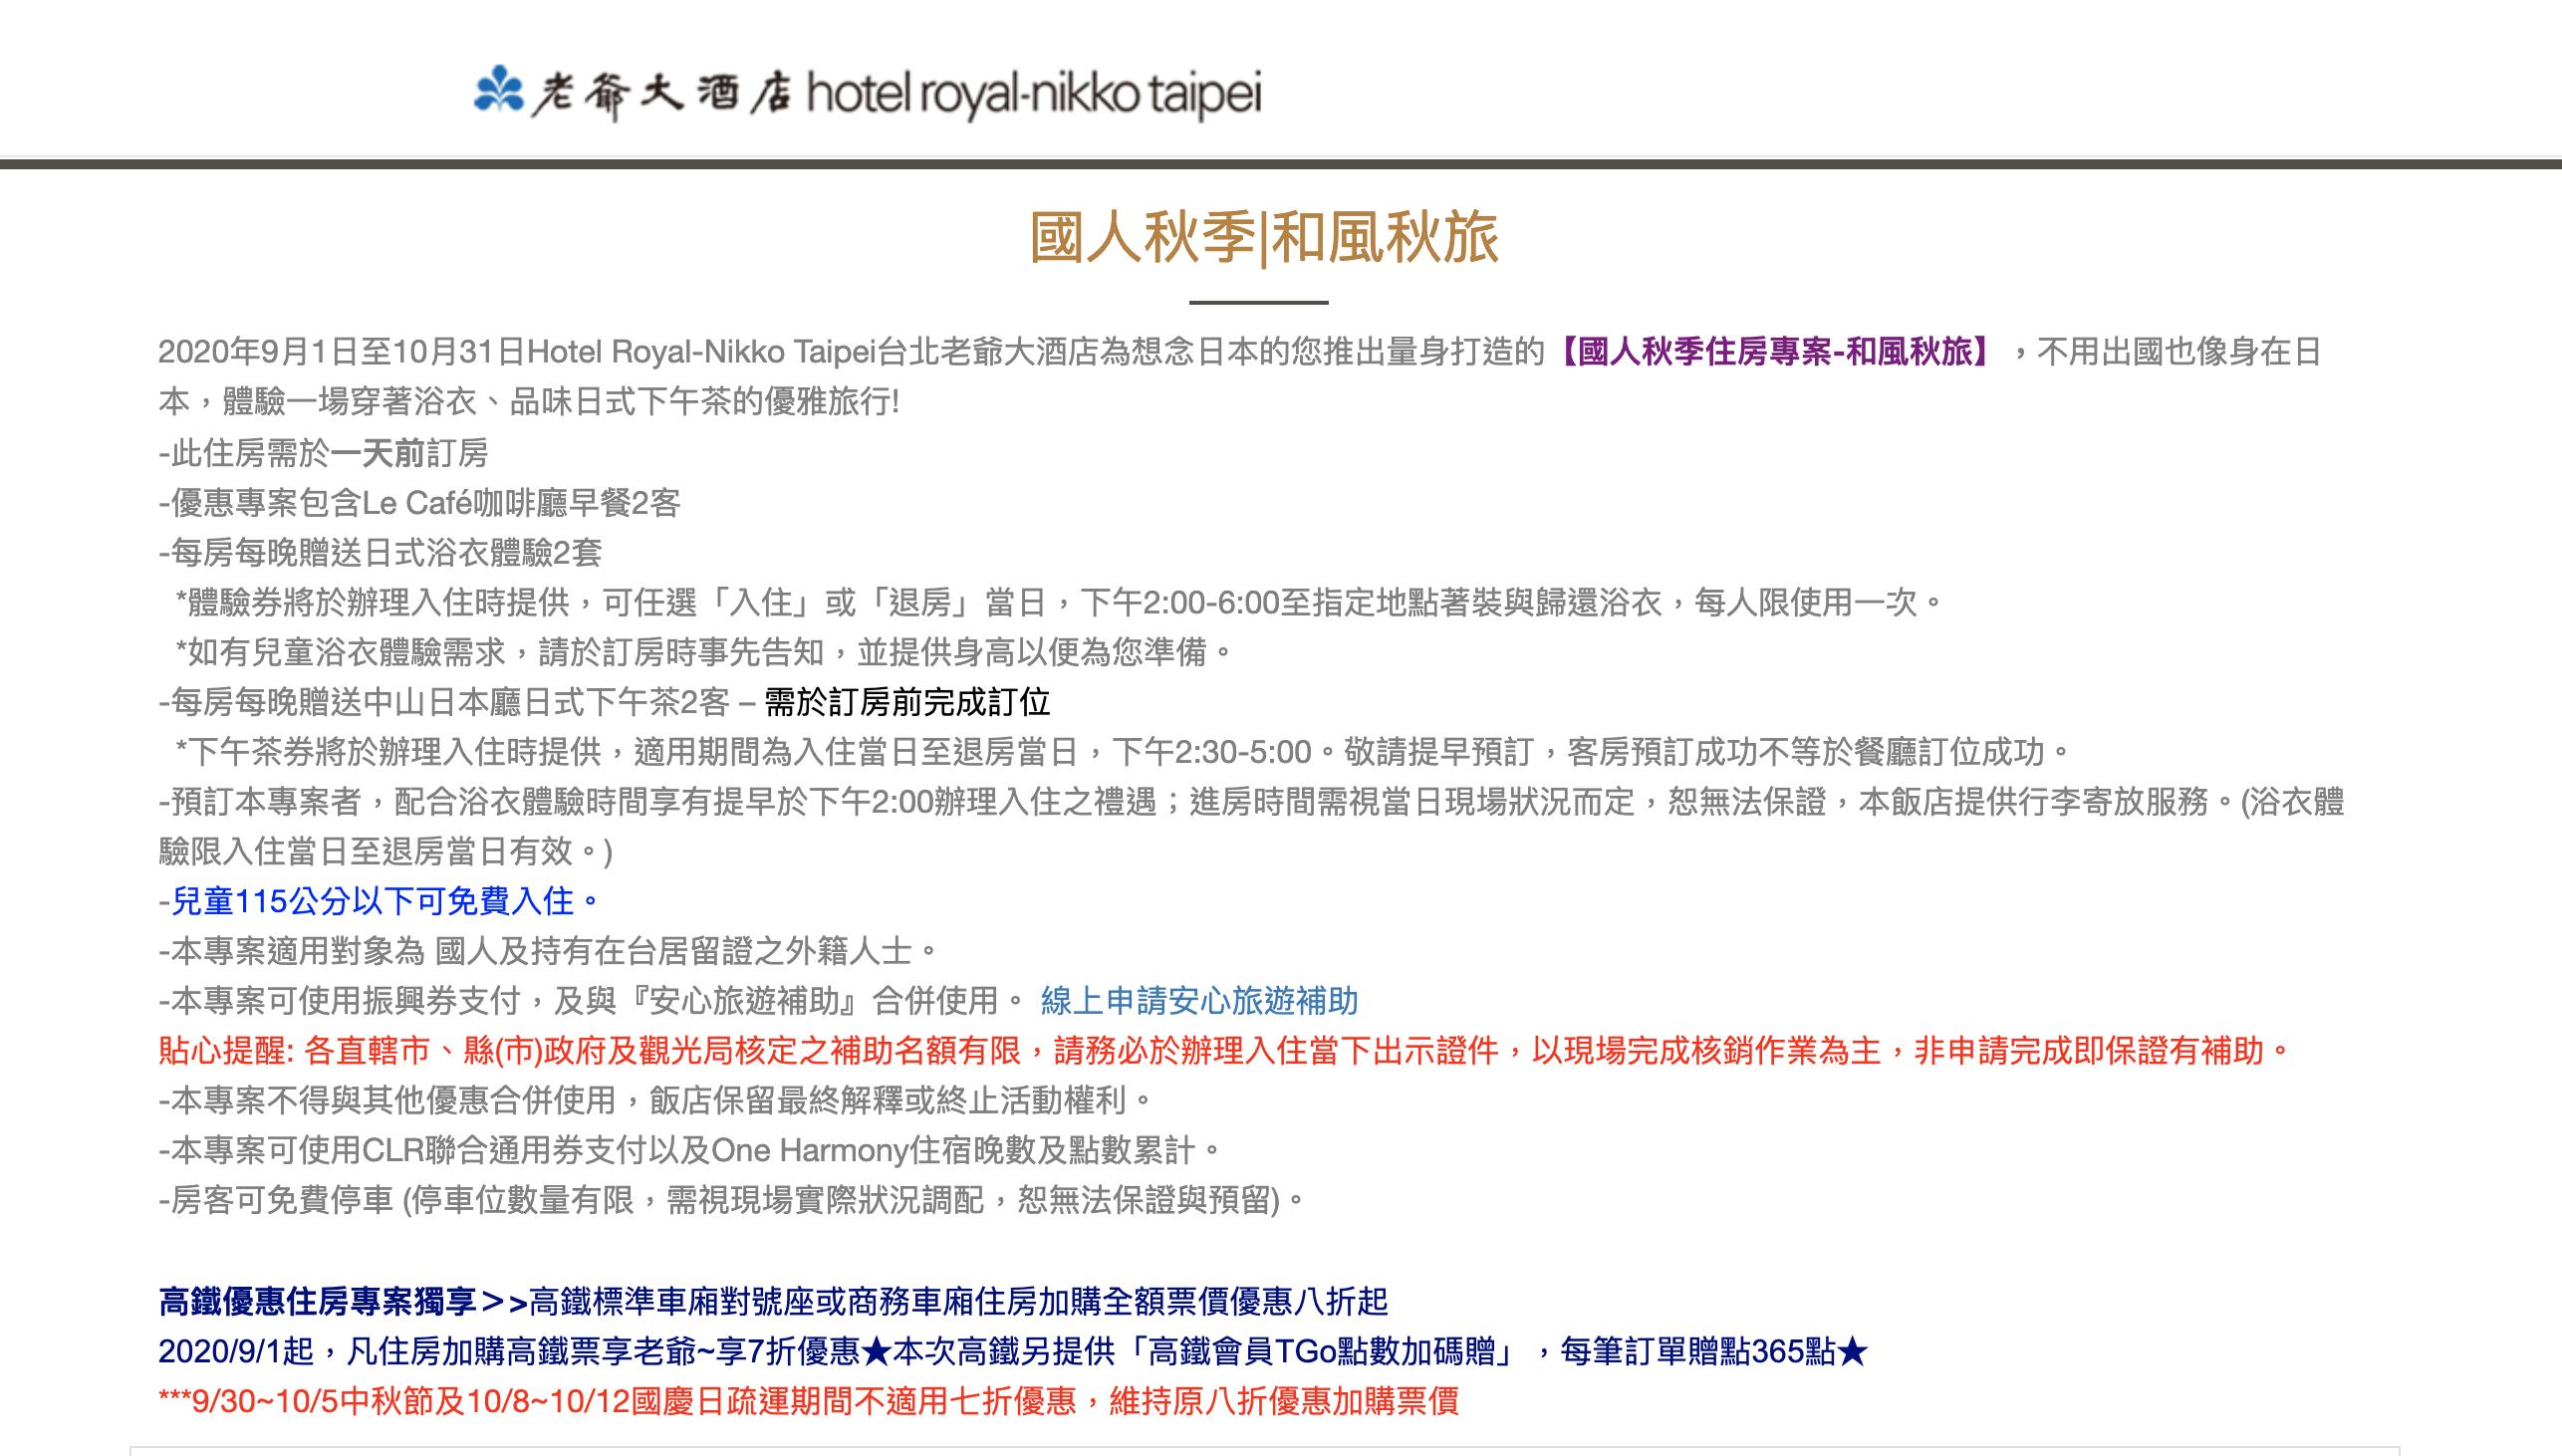 台北五星老爺 和風秋旅,3600起,可安心旅遊補助,最低2.6K入住~送早餐、下午茶、以及浴衣體驗~